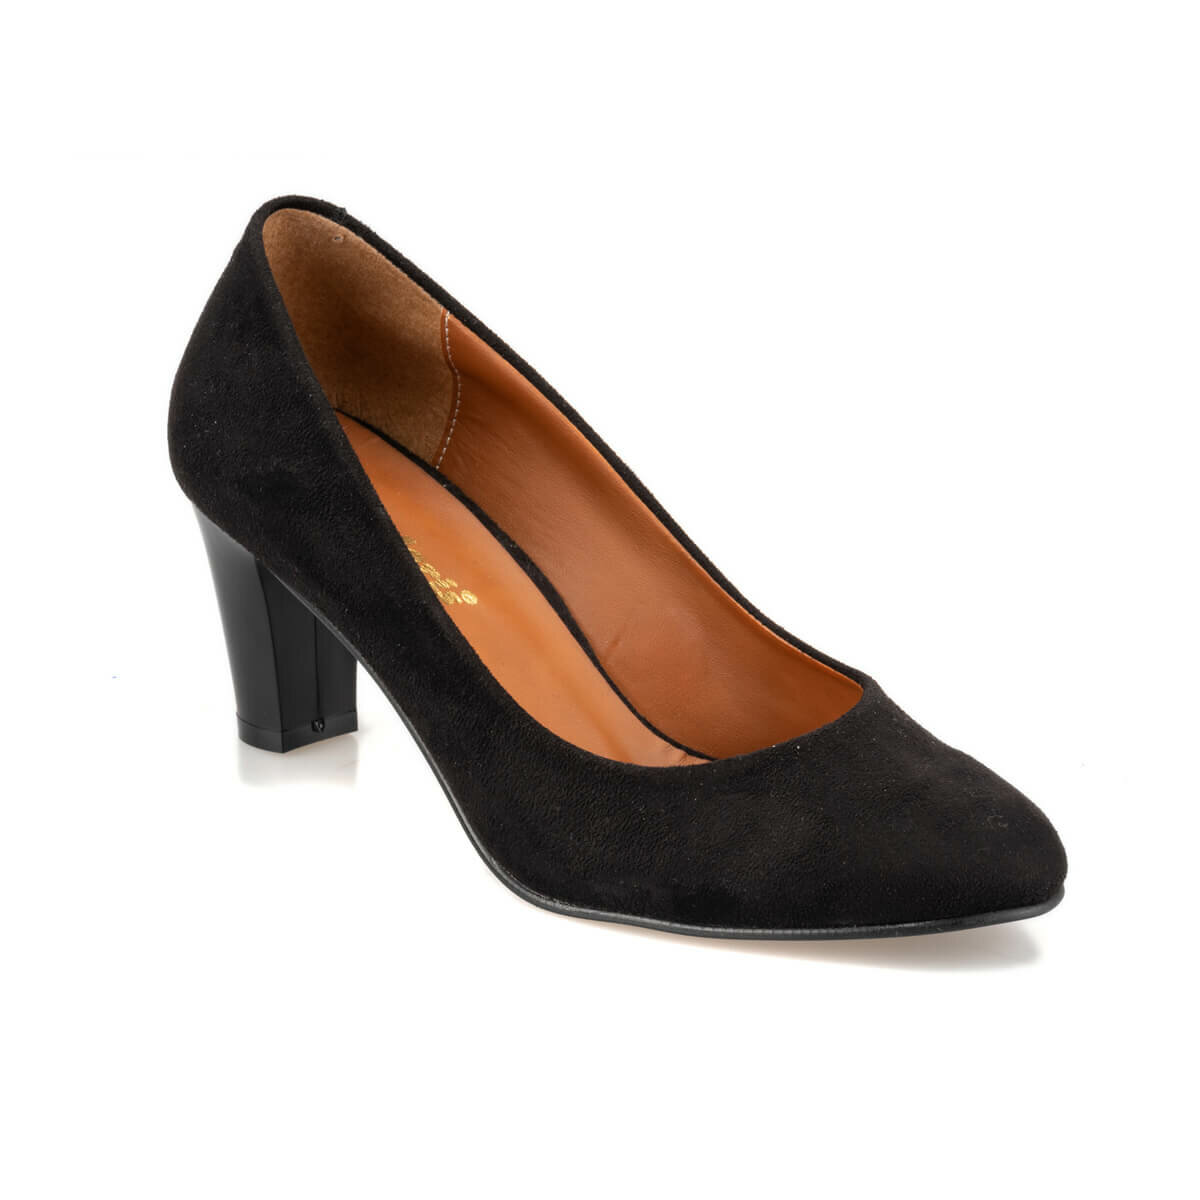 Flo 92.314113sz preto mulher gova sapatos polaris